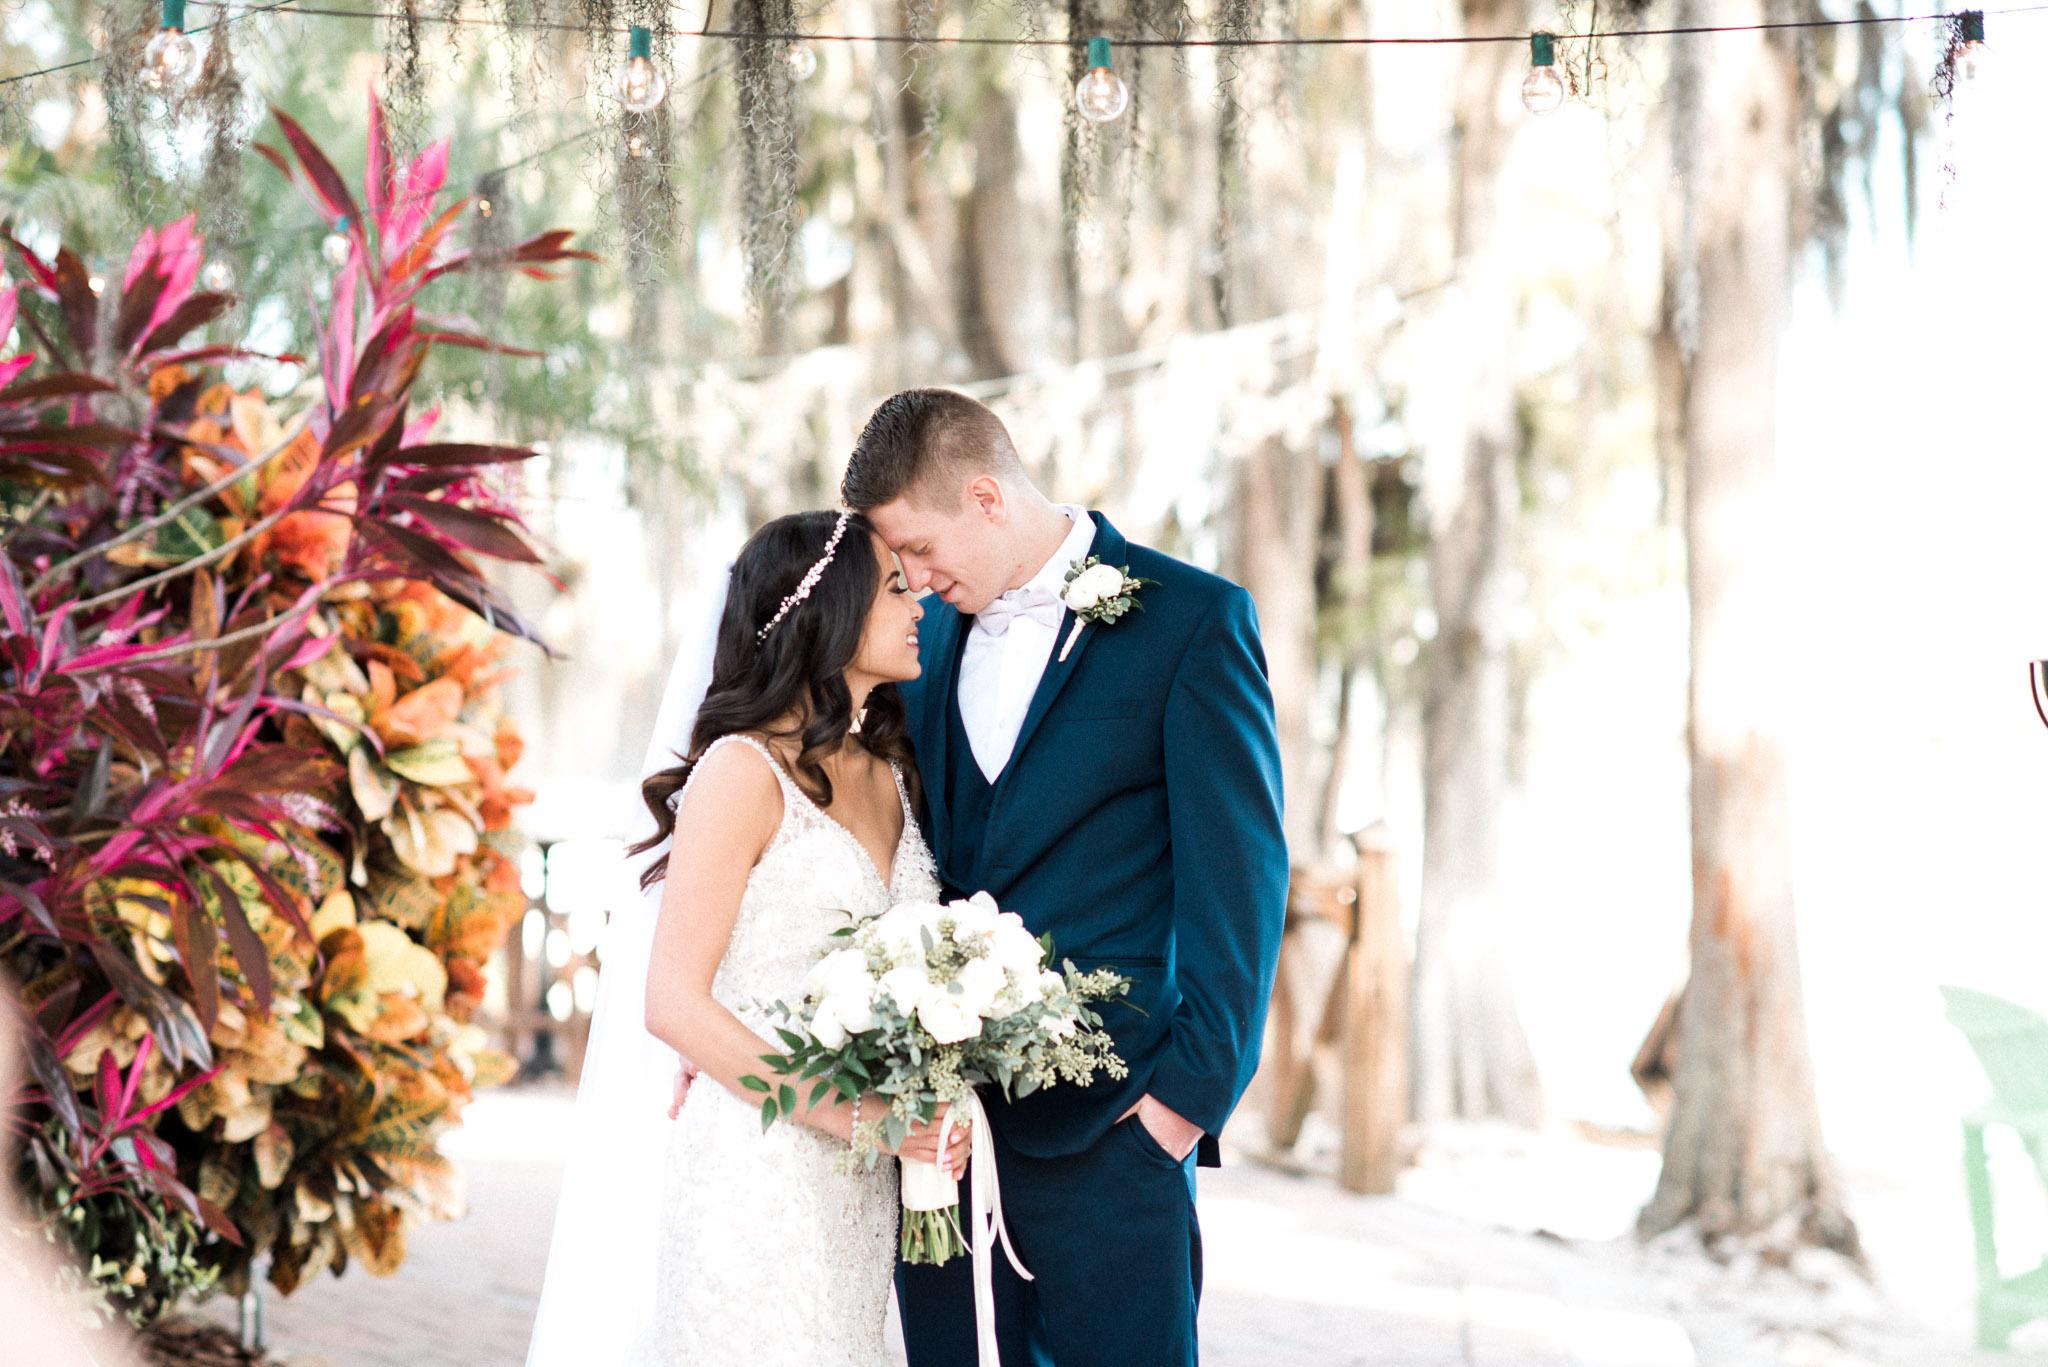 KateTaramykinStudios-Portfolio-Weddings-ParadiseCove-2.jpg